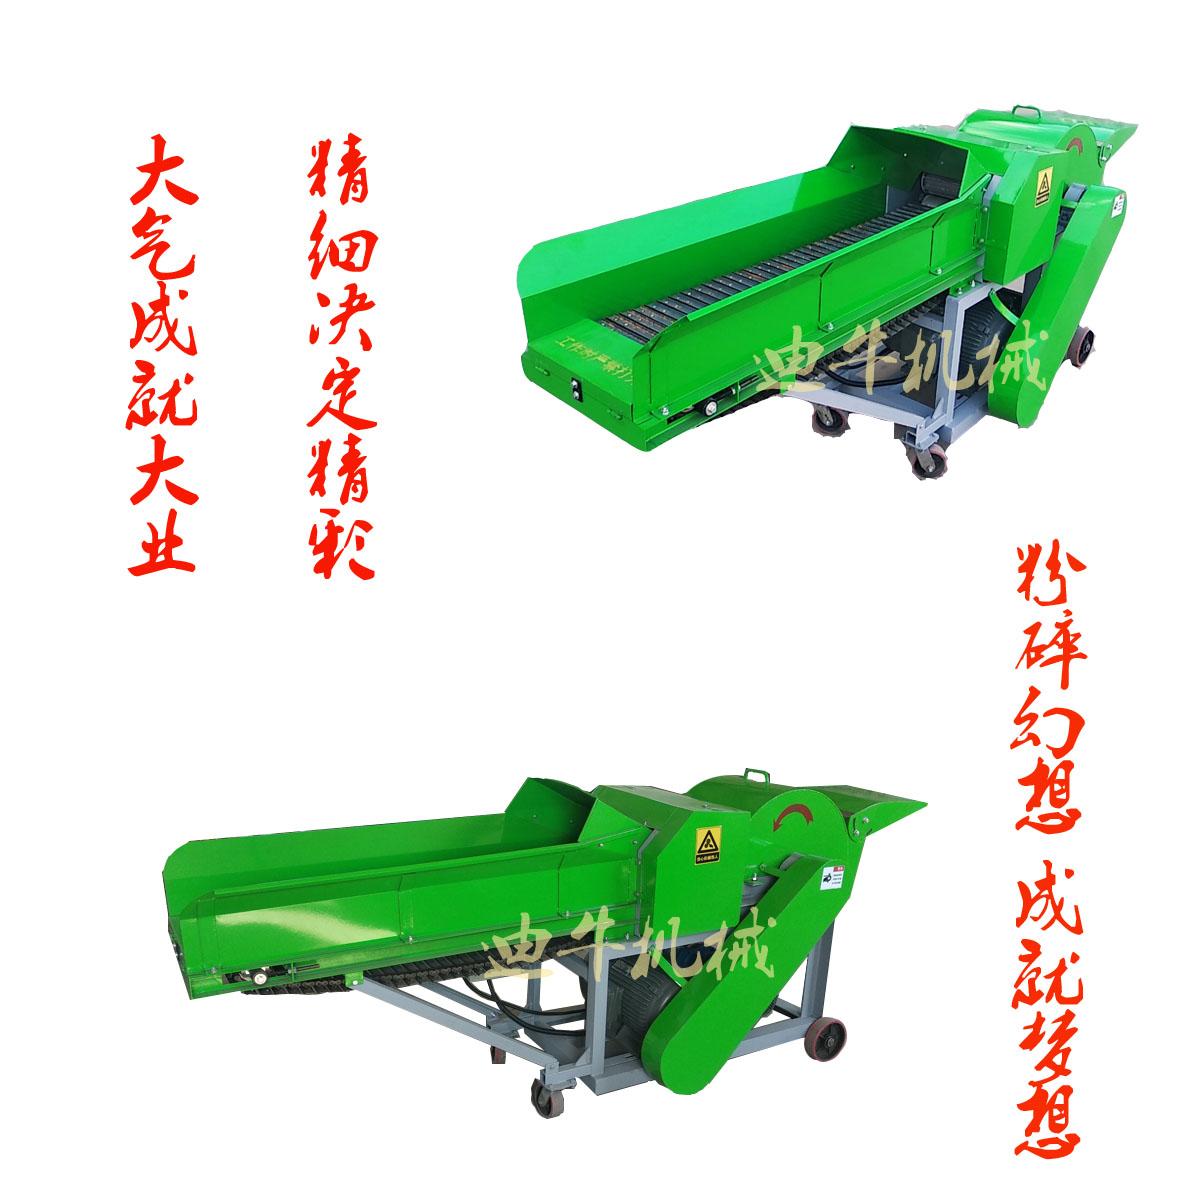 陕西省安康市旬阳县养羊用的什么揉丝机宁津县迪牛机械有限公司